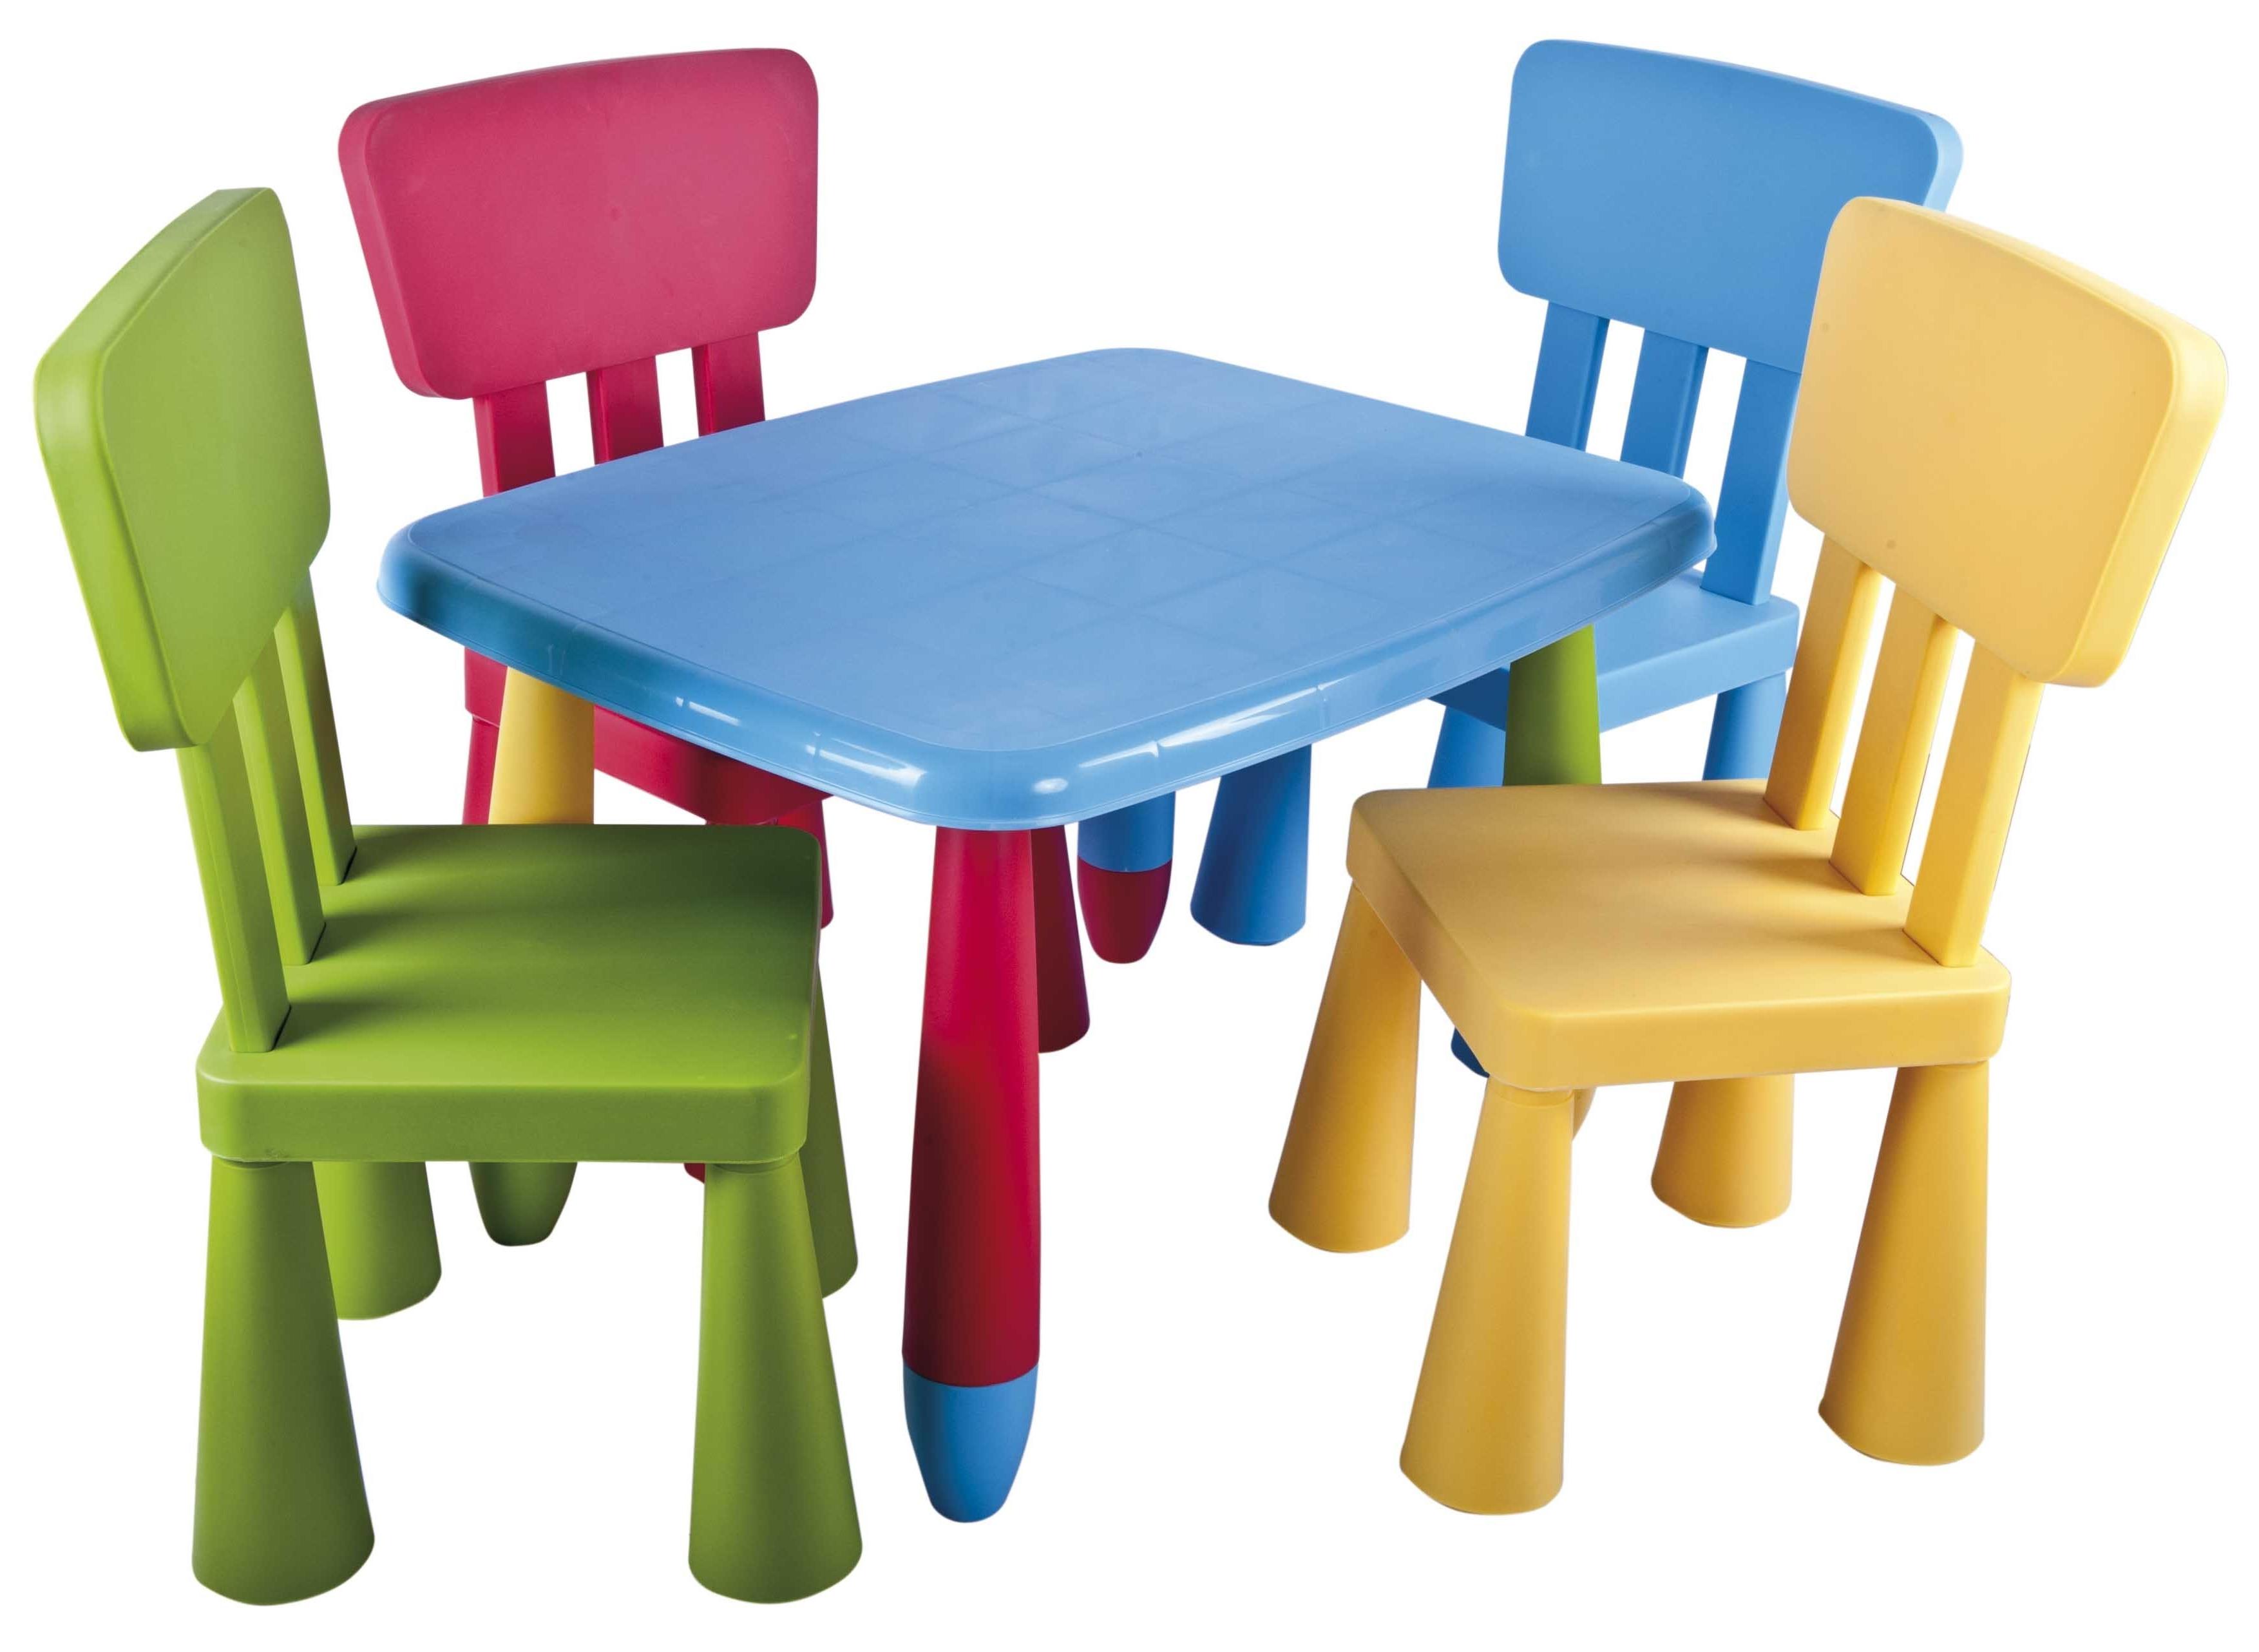 Mesa Y Silla Infantil Juguettos Ffdn Mesa Y Silla Infantil Juguettos Set De Mesa Y 4 Sillas Infantil